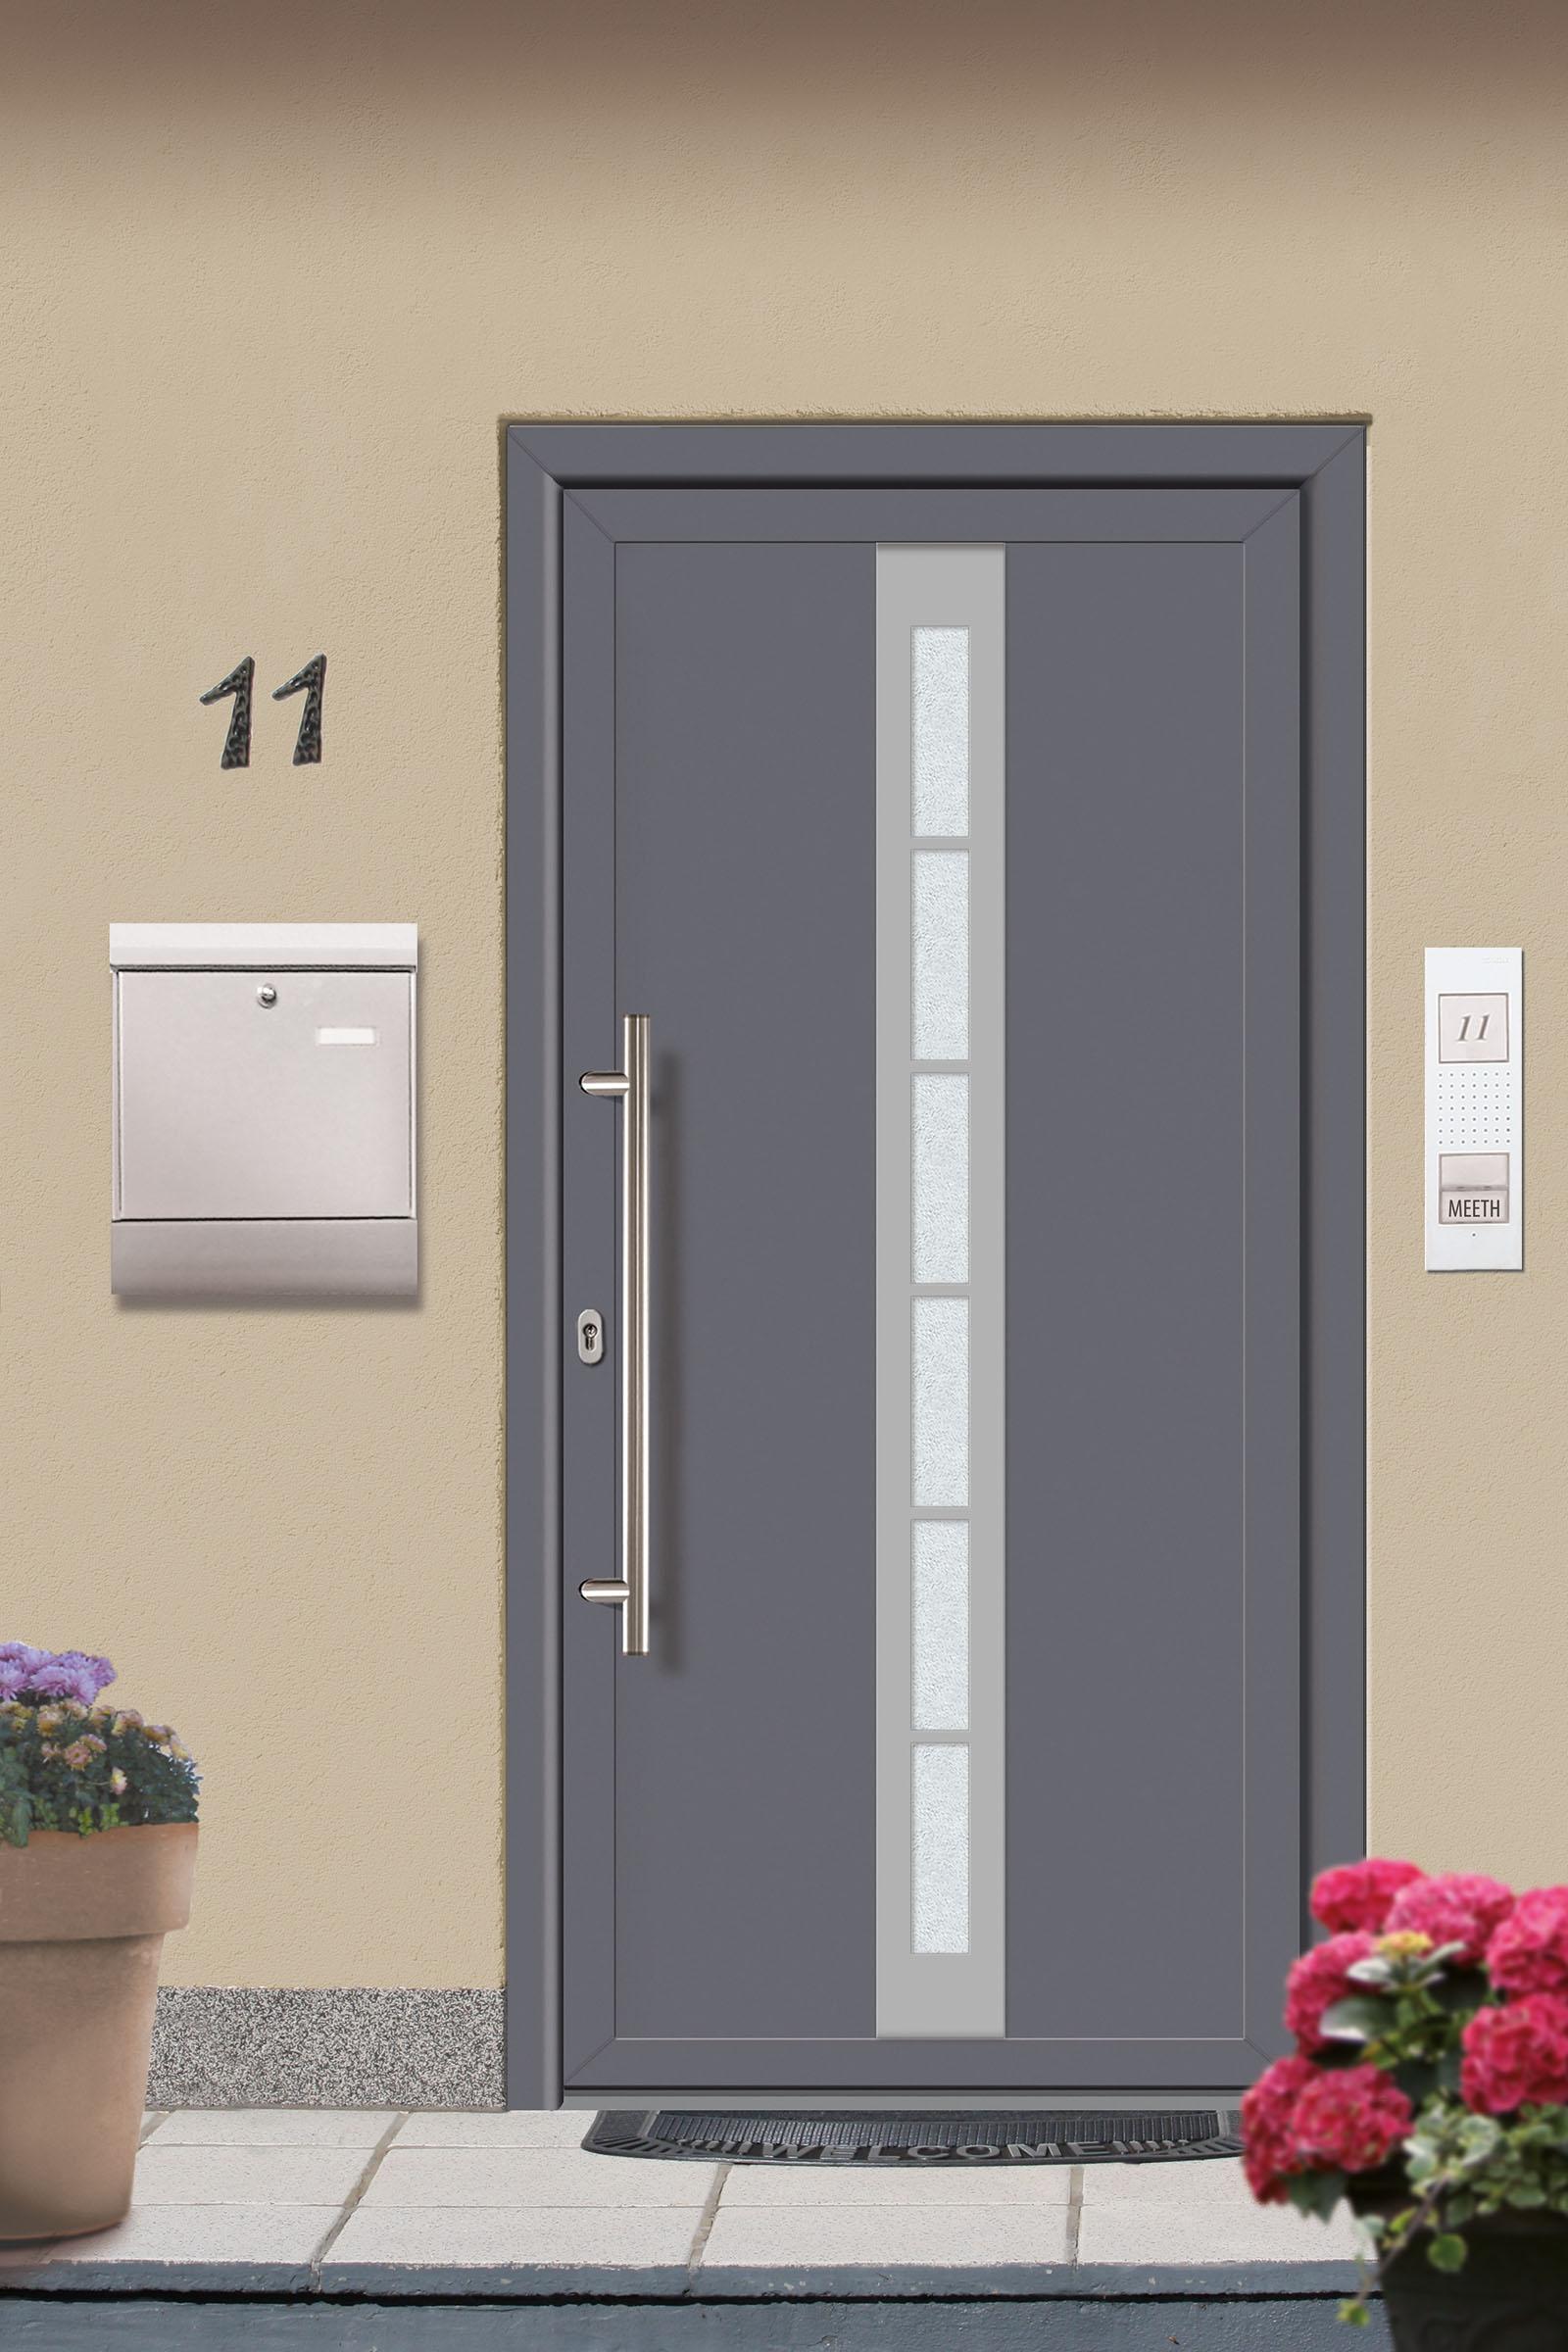 kunststoff haust r fdm 20 titan wei 980 x 2000 mm lichtausschnitt ebay. Black Bedroom Furniture Sets. Home Design Ideas